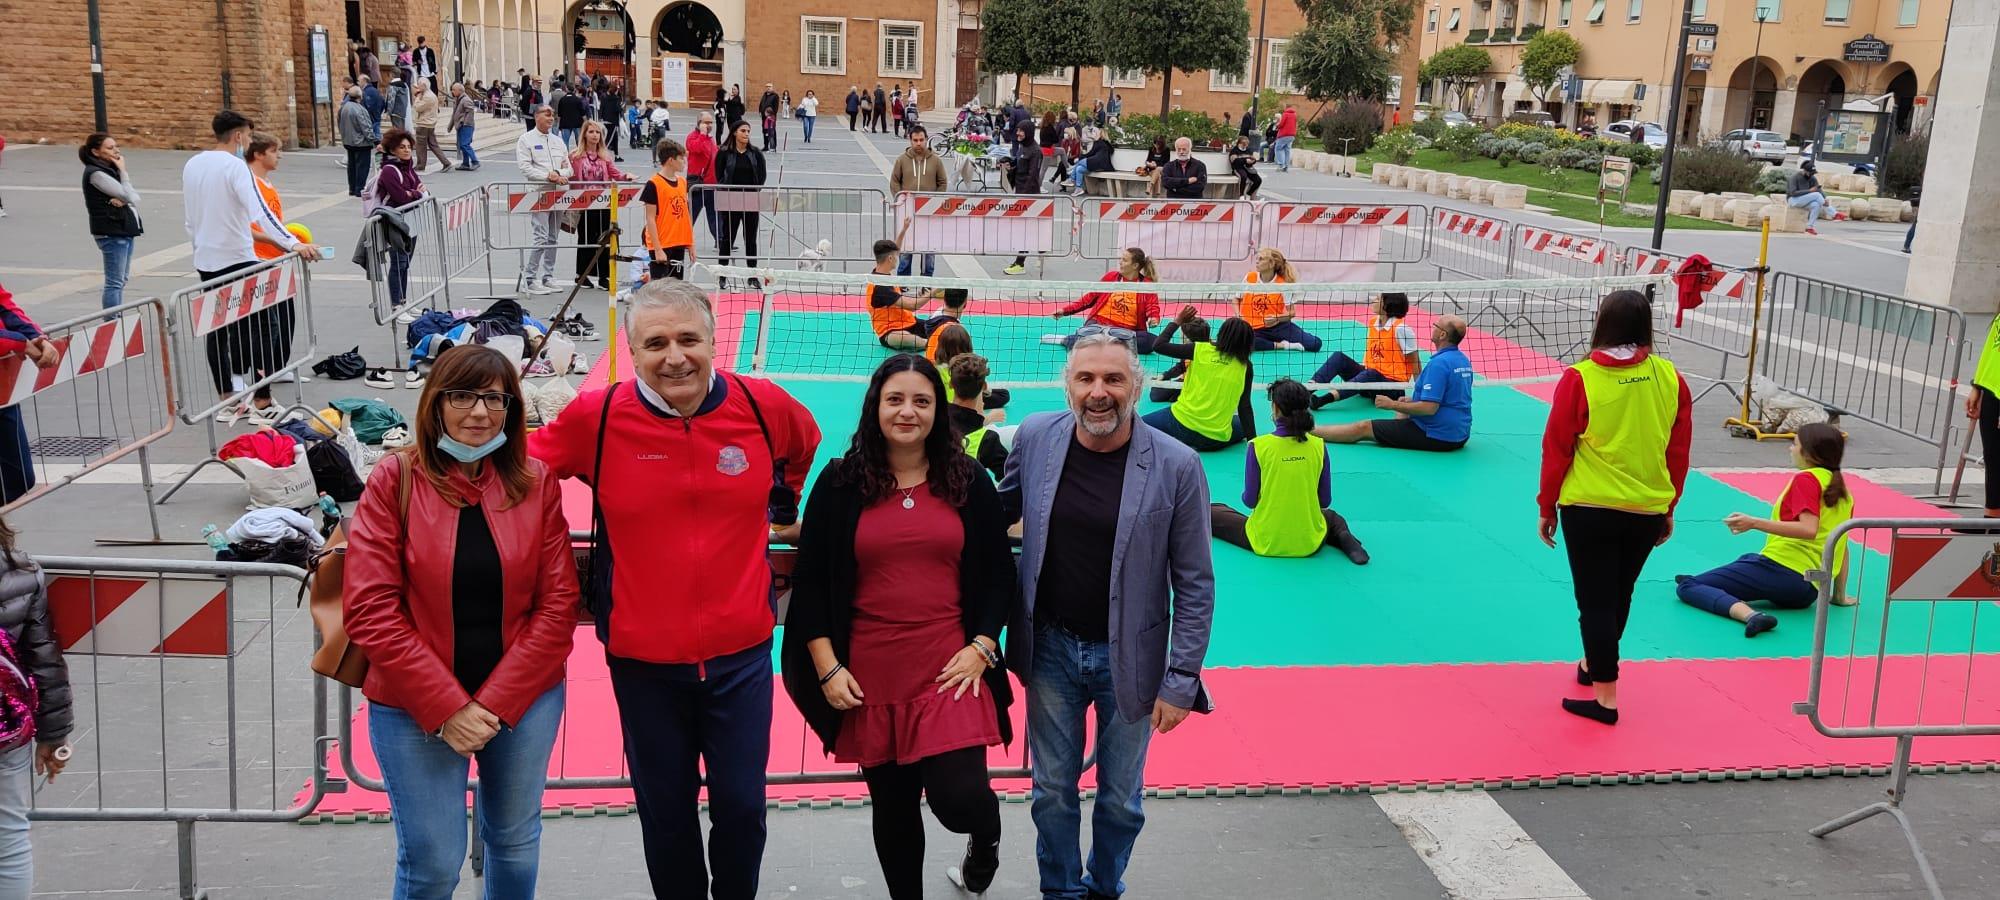 Pomezia, Sport: evento sitting volley per una pallavolo di inclusione e senza barriere